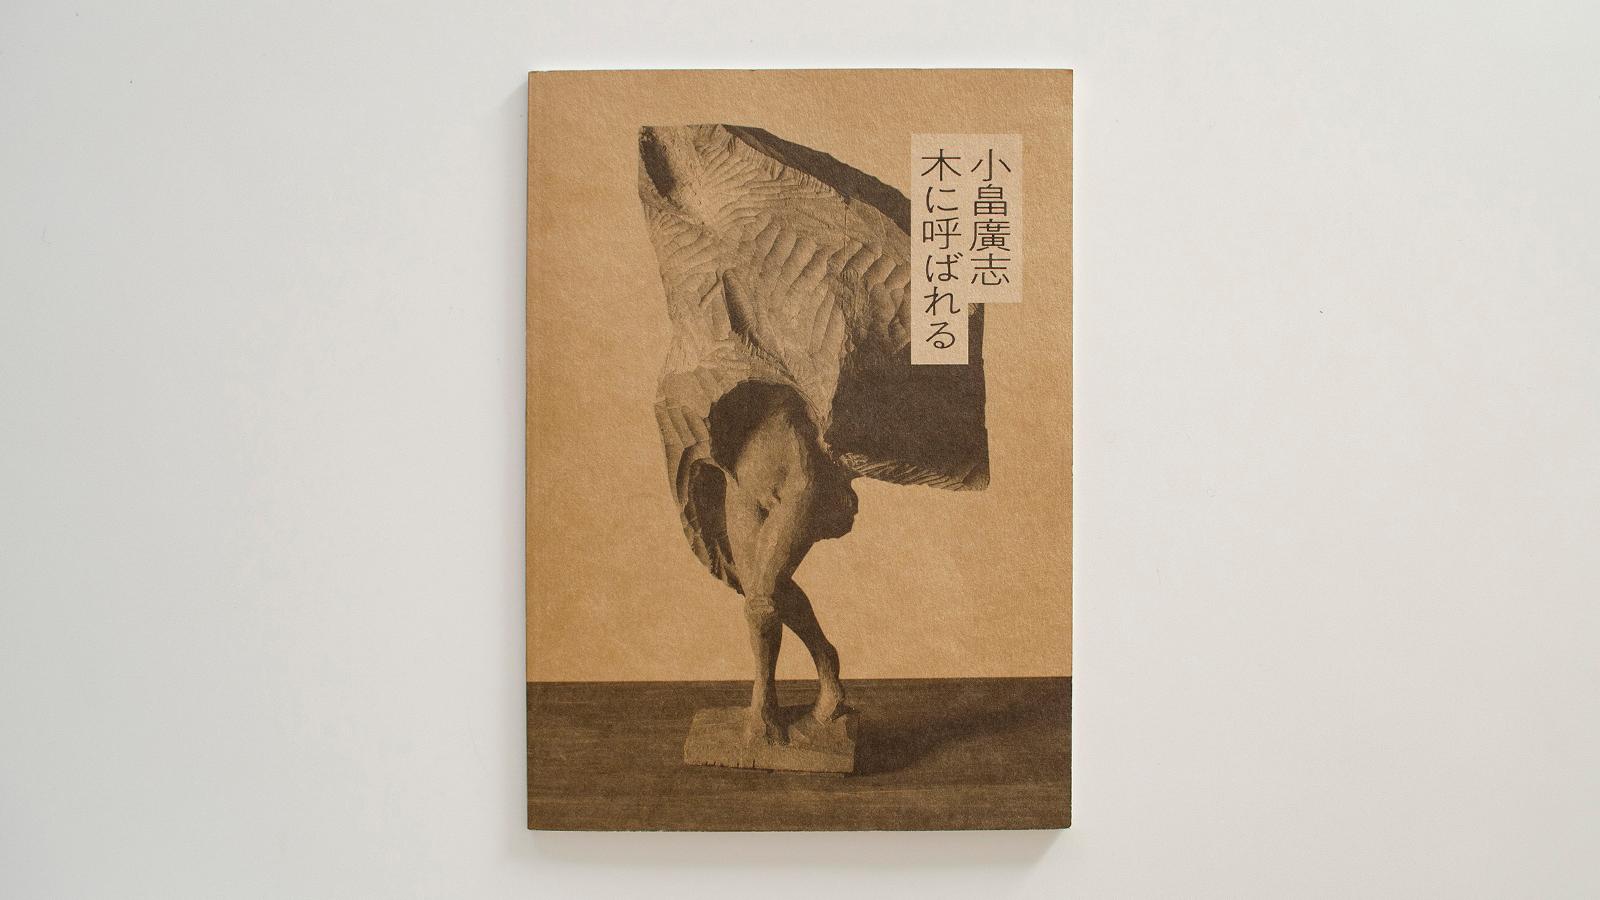 小畠廣志 木に呼ばれる|武蔵野市立吉祥寺美術館